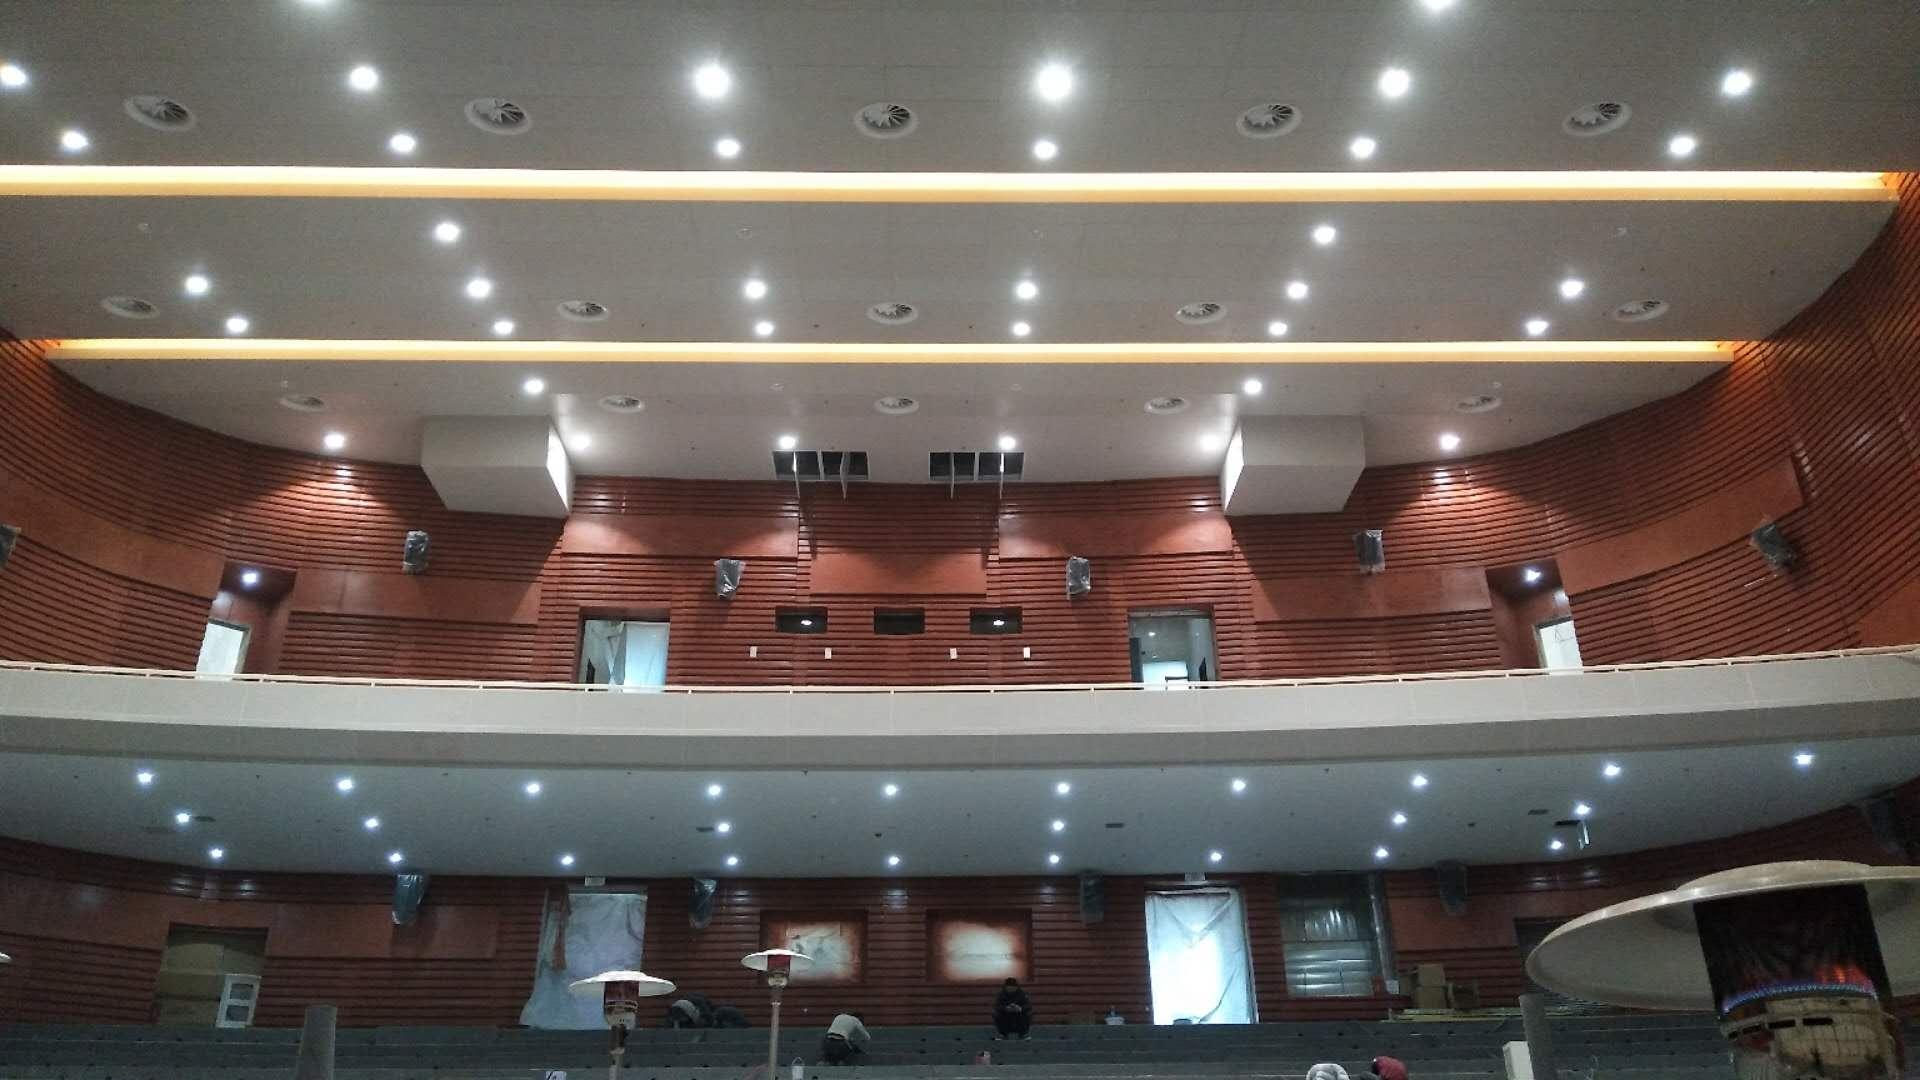 葫芦岛兴城文化馆吊顶.jpg